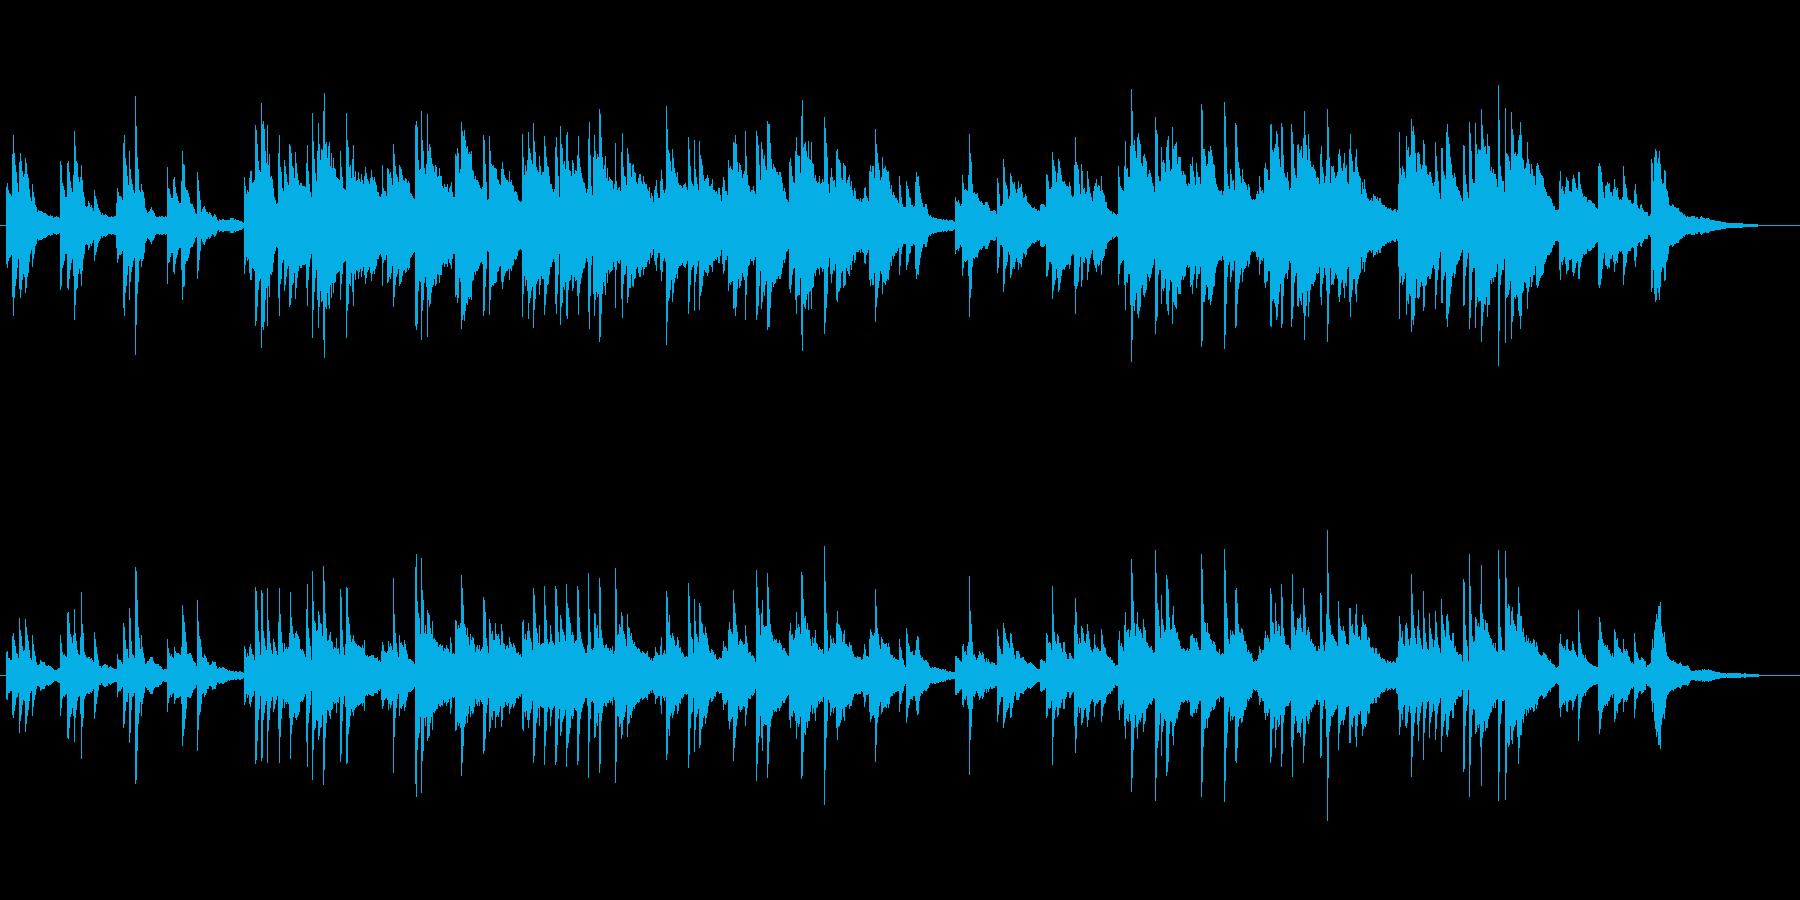 ドラマチックなピアノソロ曲の再生済みの波形